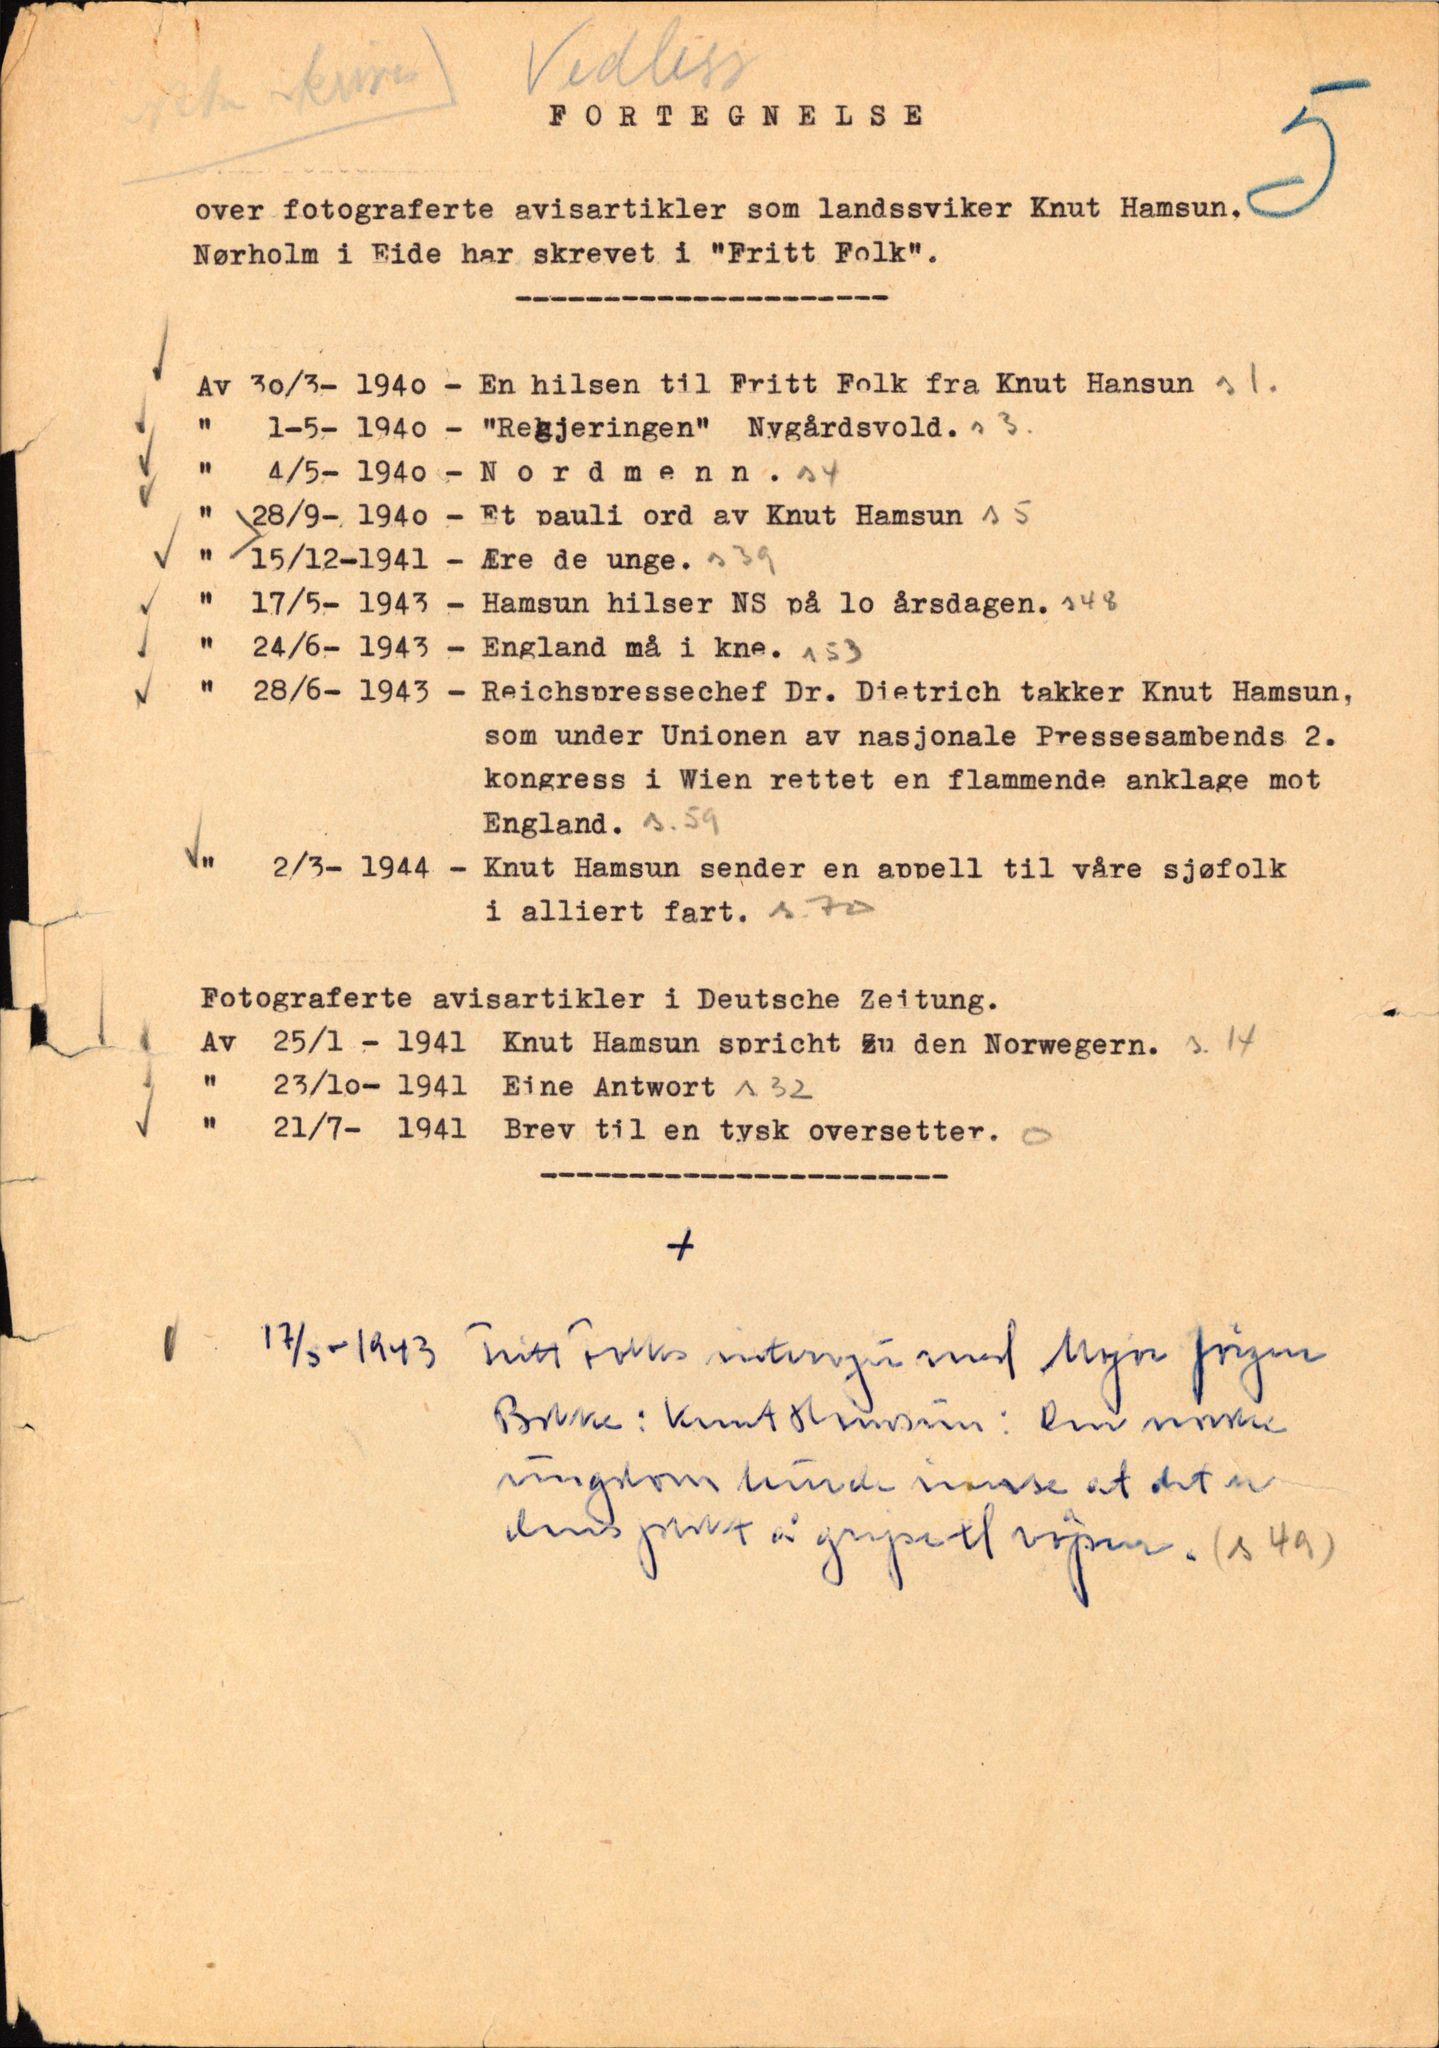 RA, Landssvikarkivet, Arendal politikammer, D/Dc/L0029: Anr. 192/45, 1945-1951, s. 52